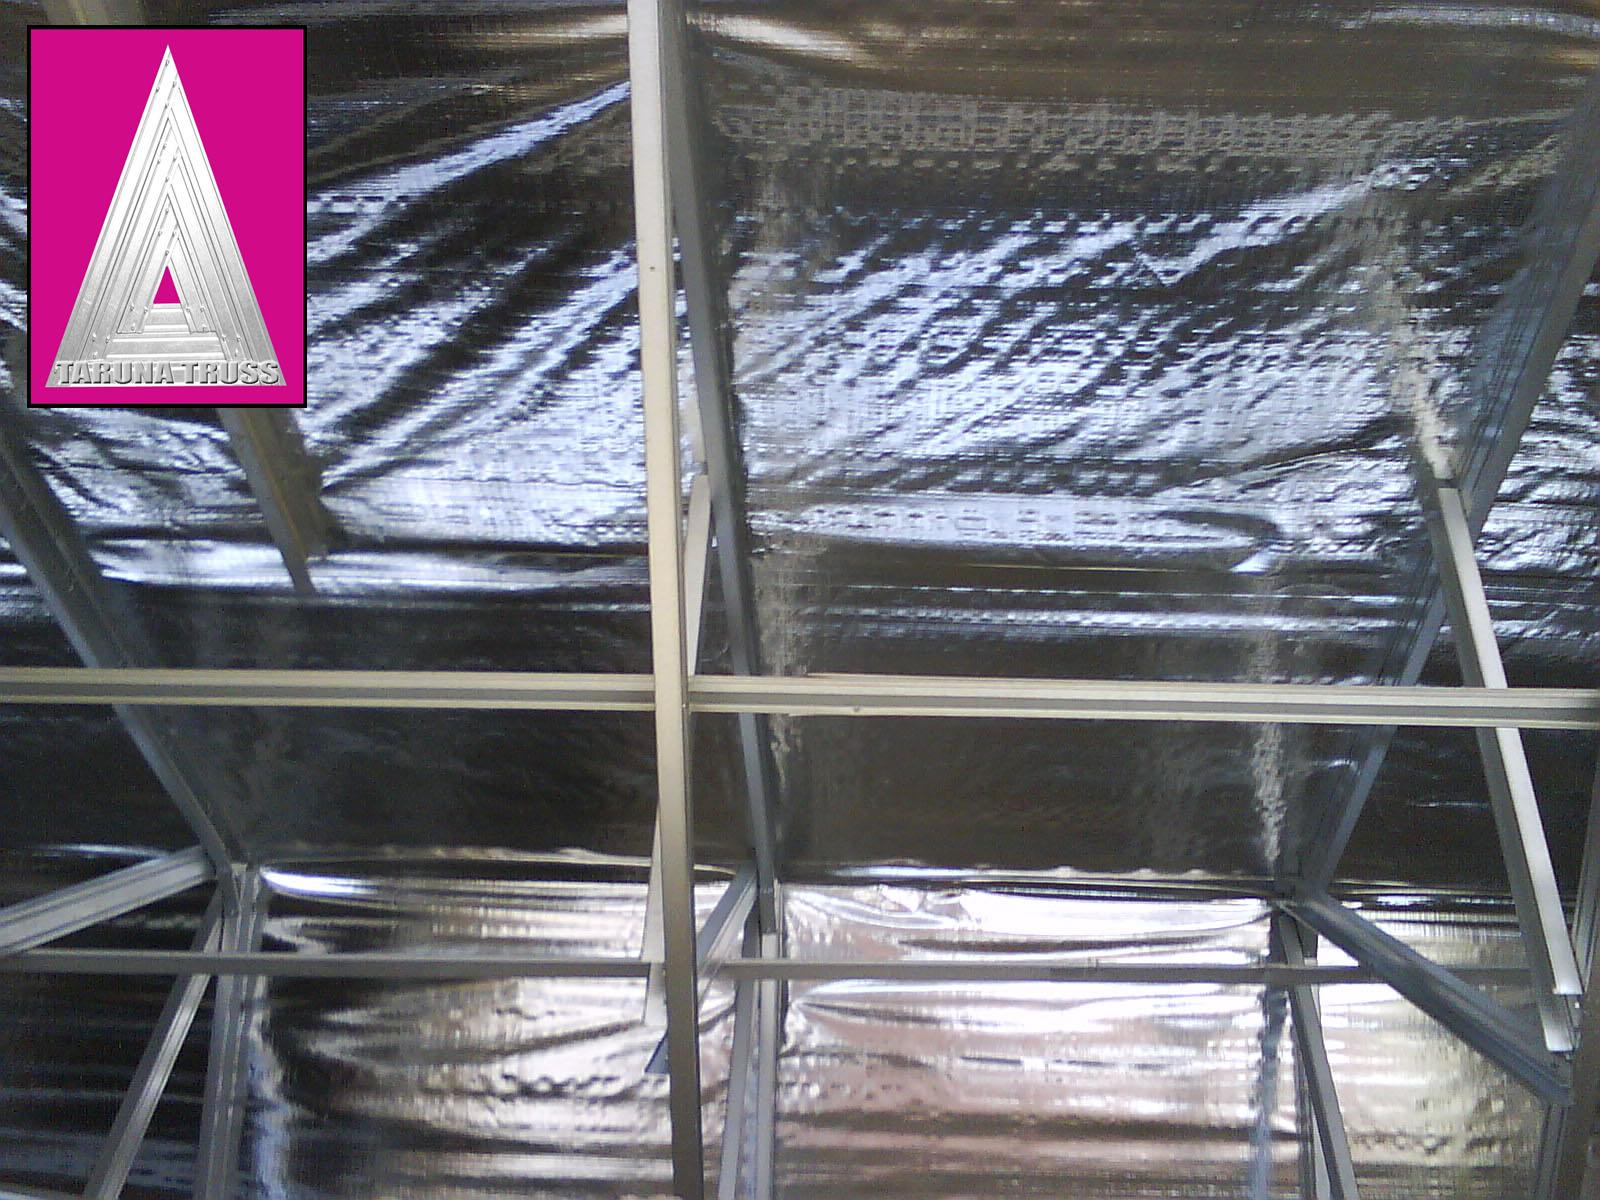 rangka baja ringan di manado atap - taruna truss